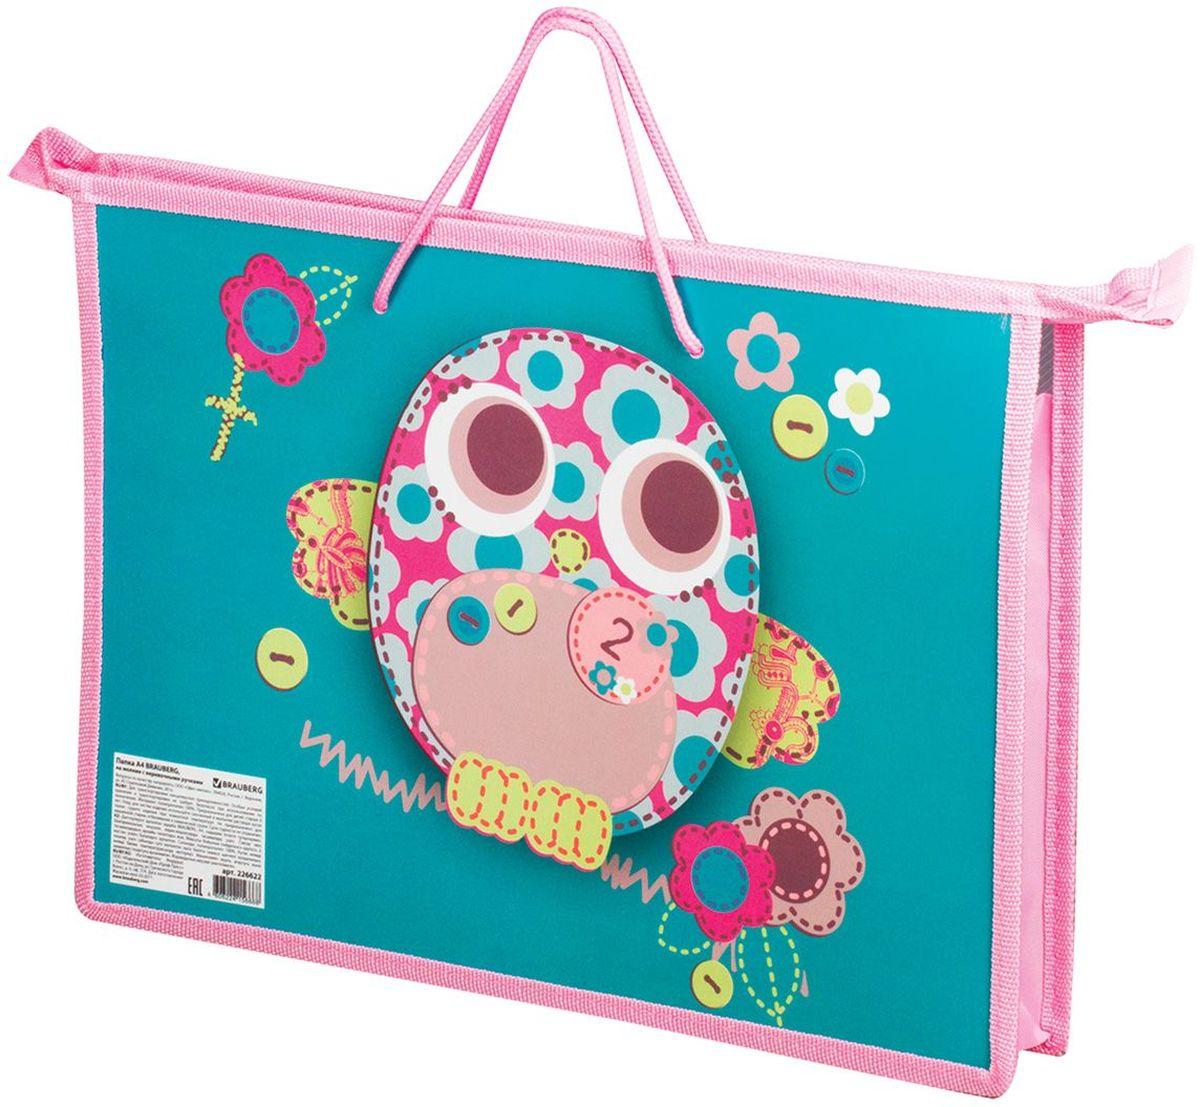 Папка-сумка с красочным изображением предназначена для детей 7-10 лет. Она сделана из прочного пластика и снабжена мягкими ручками для удобного переноса. Её яркий дизайн обязательно привлечет внимание современного ребенка.•1 отделение. •Формат - А4. •Застегивается на молнию. •Мягкие веревочные ручки. •Материал - пластик.